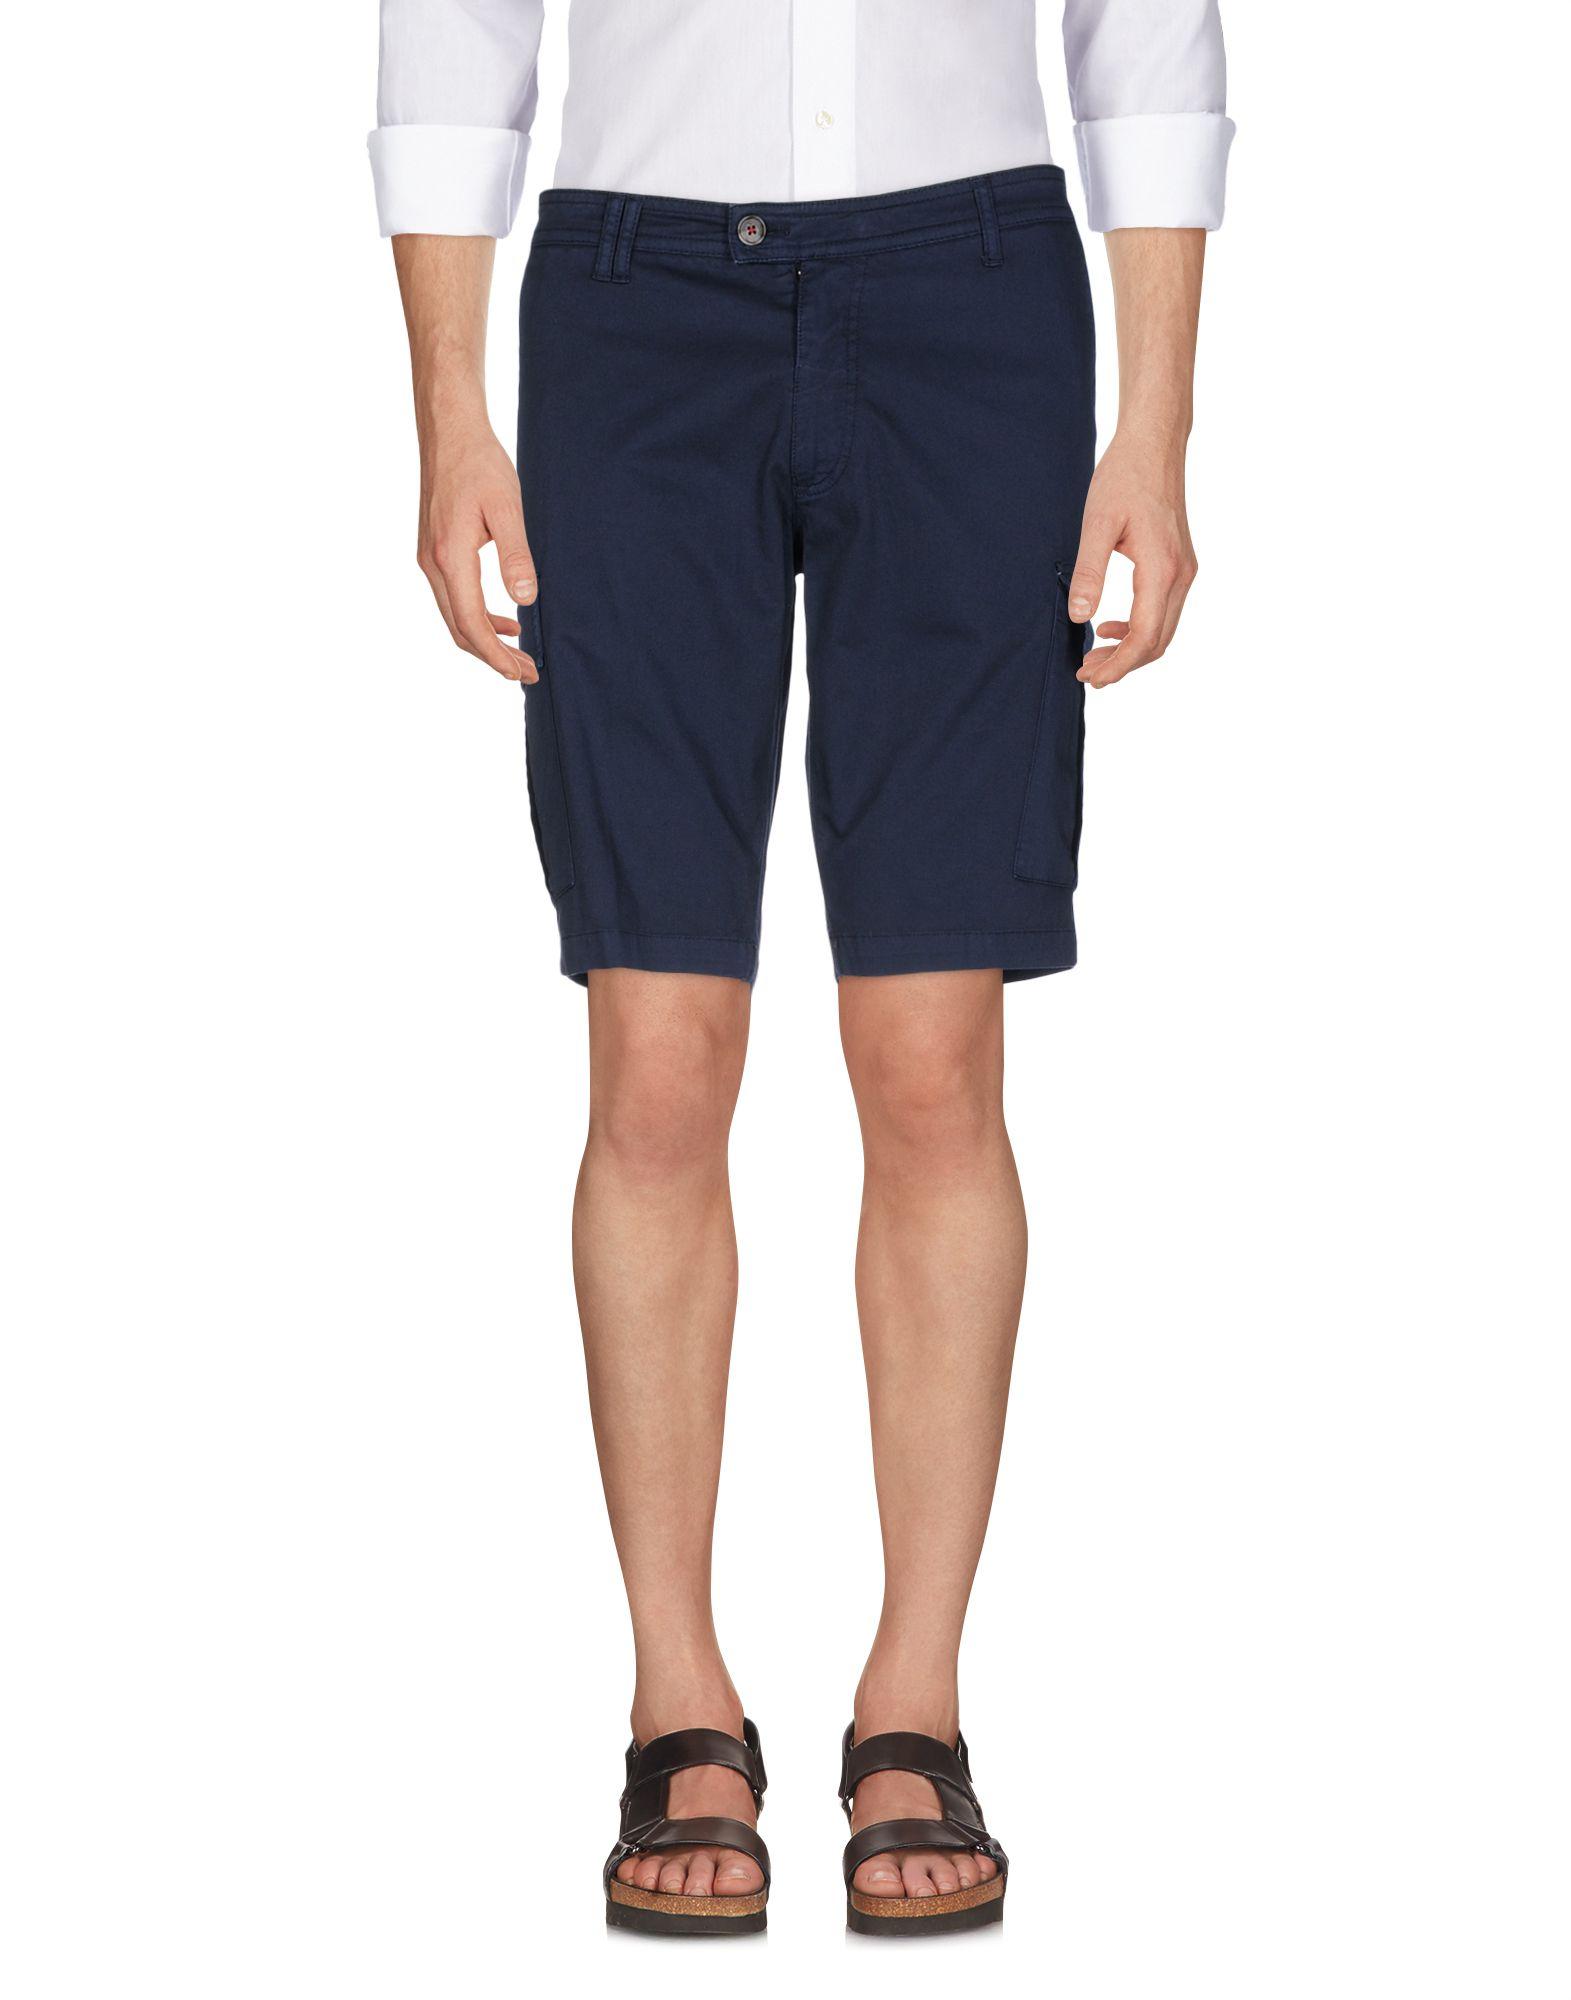 Shorts 13116818TG & Bermuda 2Nd Floor Uomo - 13116818TG Shorts 5207c2